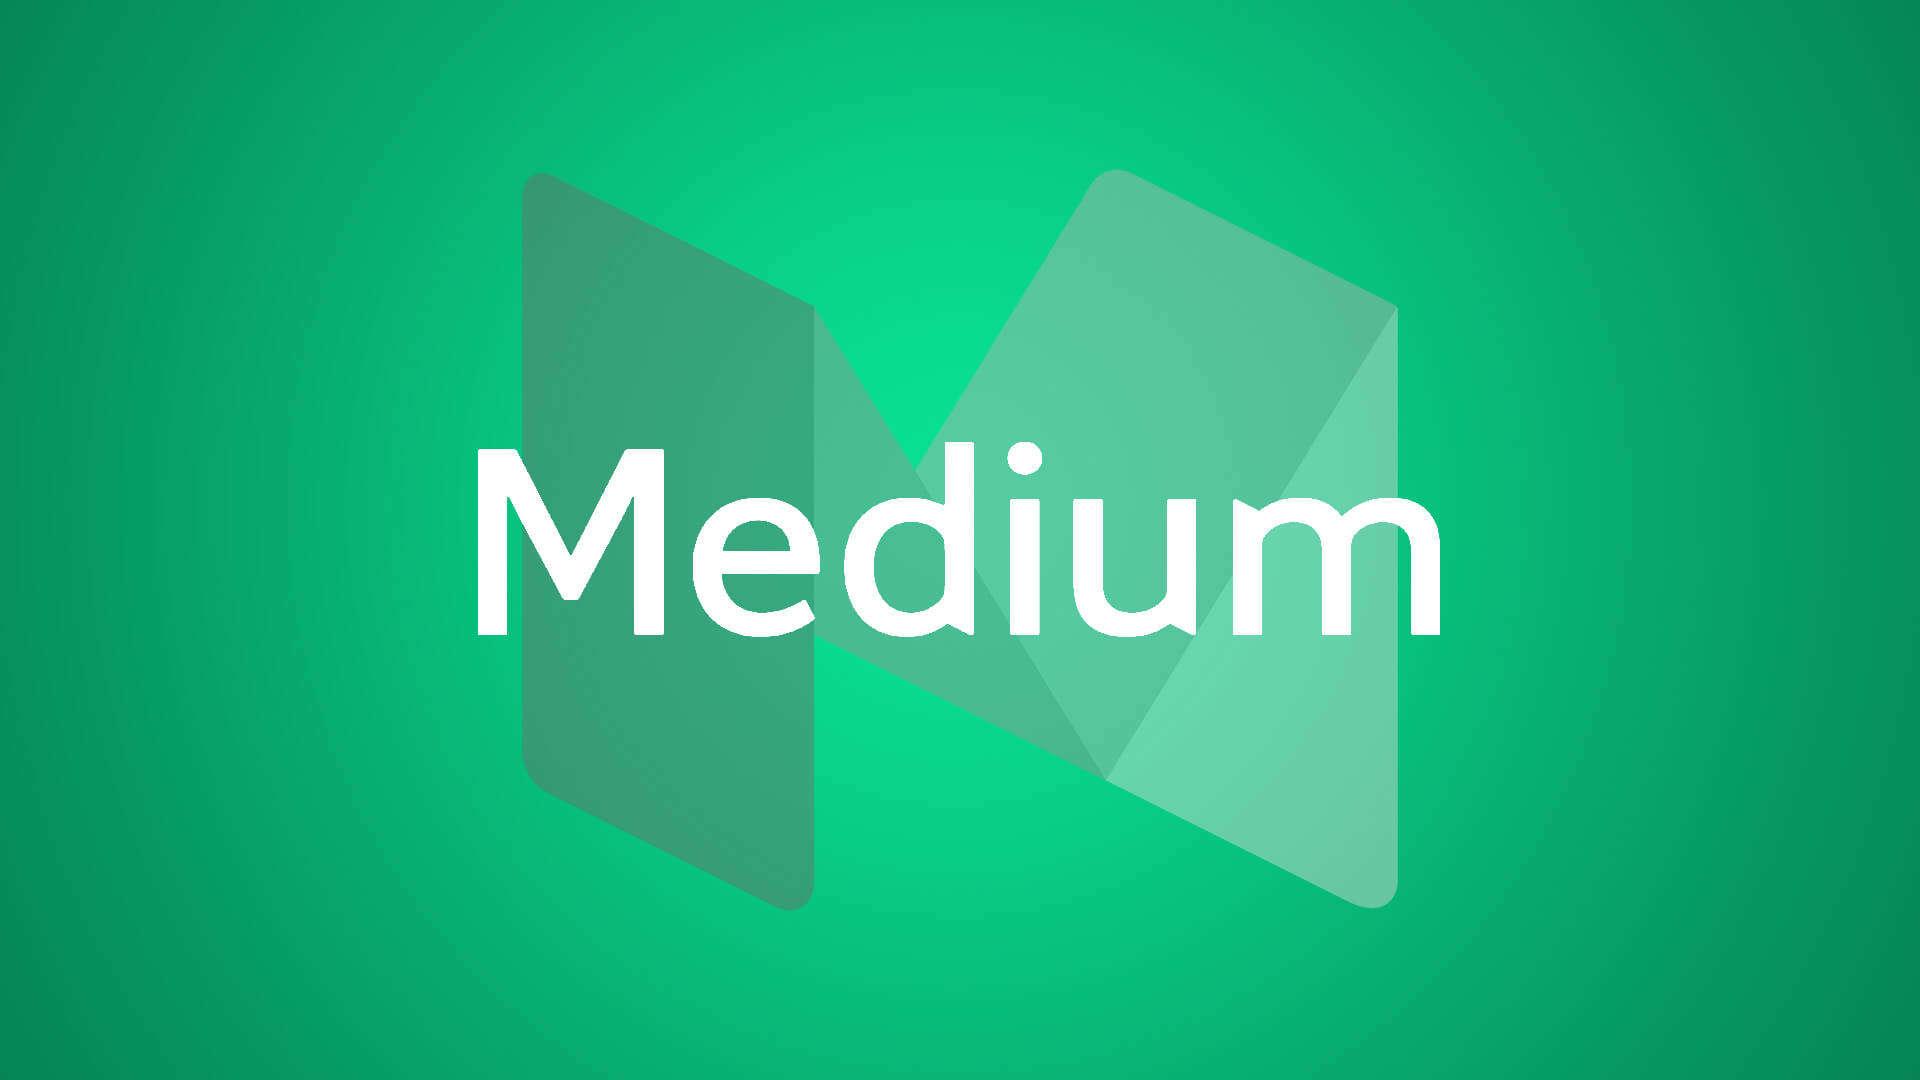 medium-com-logo2-1920